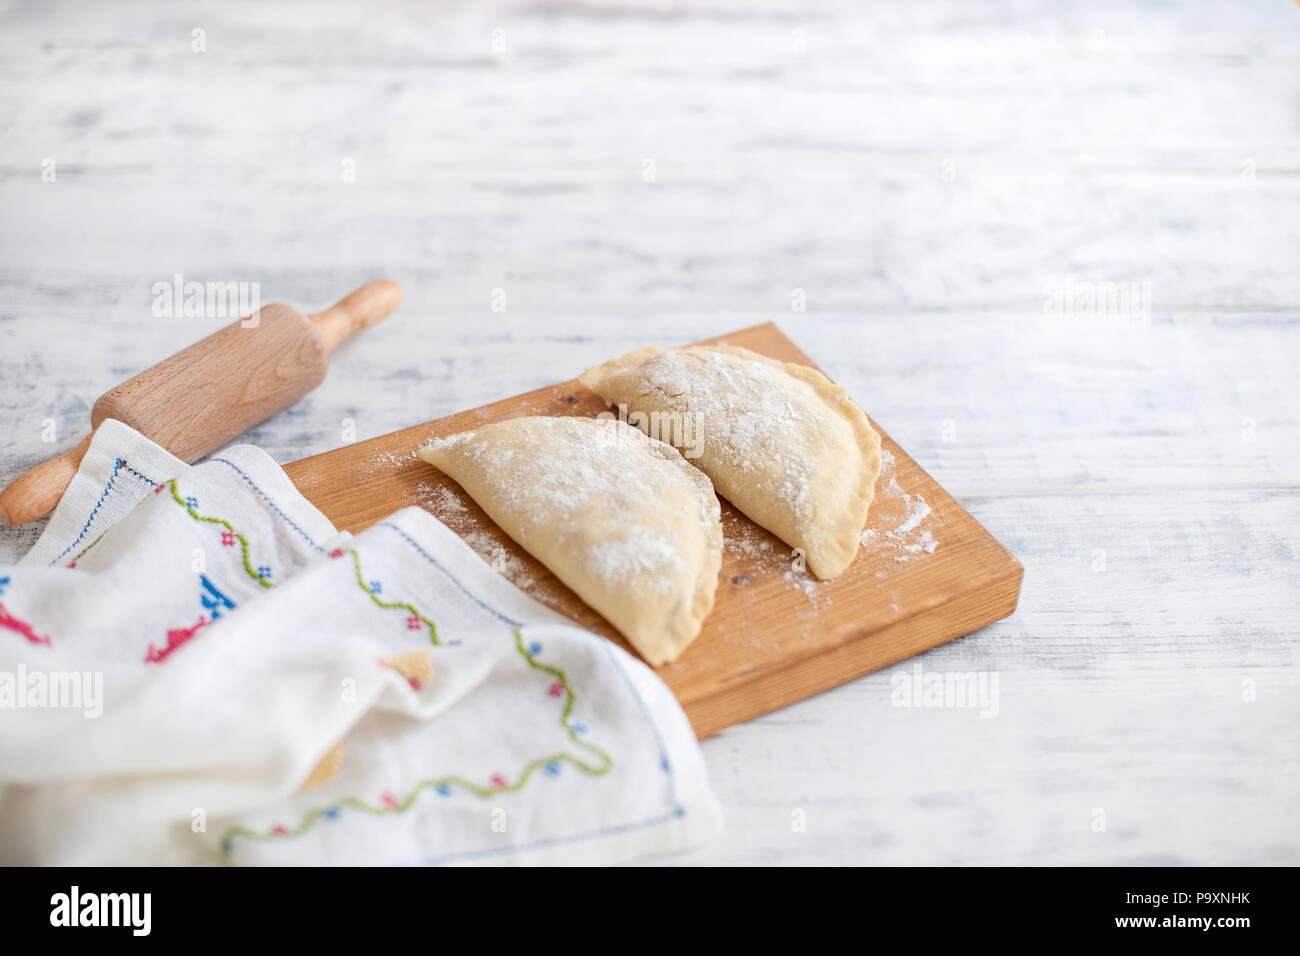 Meal Voucher Stockfotos & Meal Voucher Bilder - Alamy